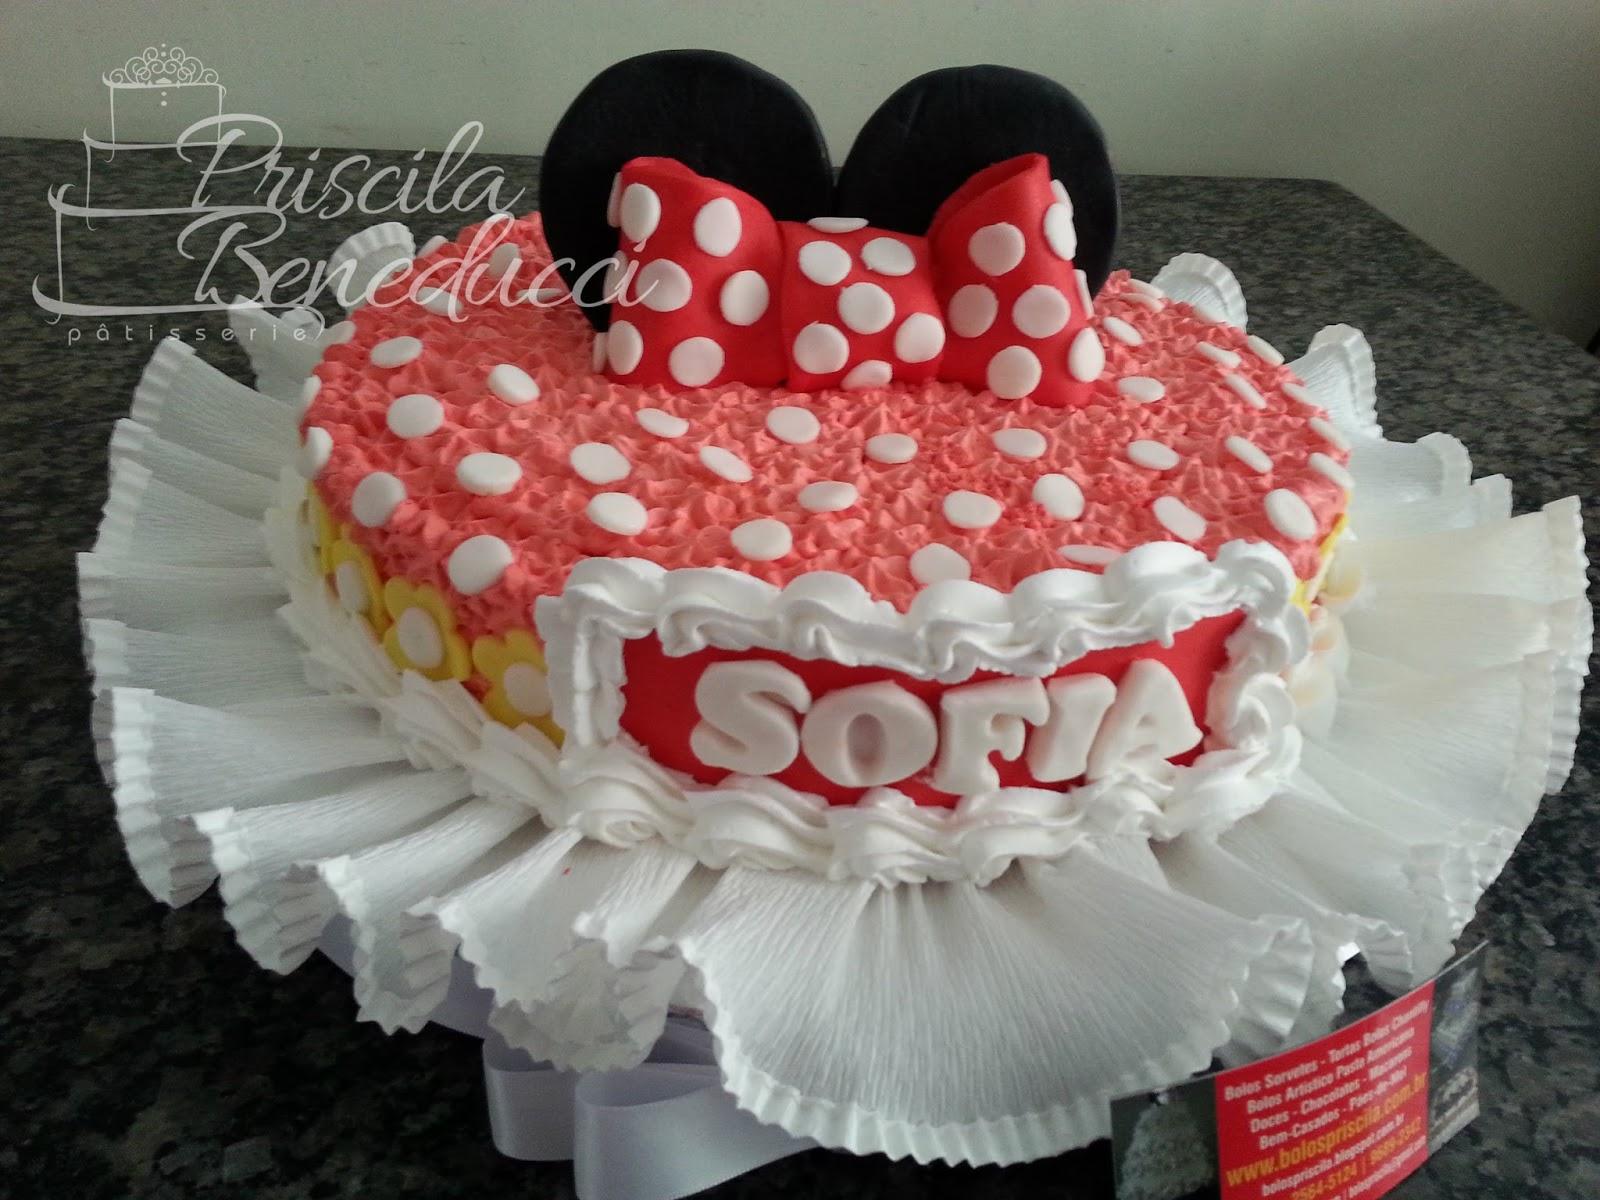 Bolos Priscila Beneducci Pâtisserie: bolo coração belo